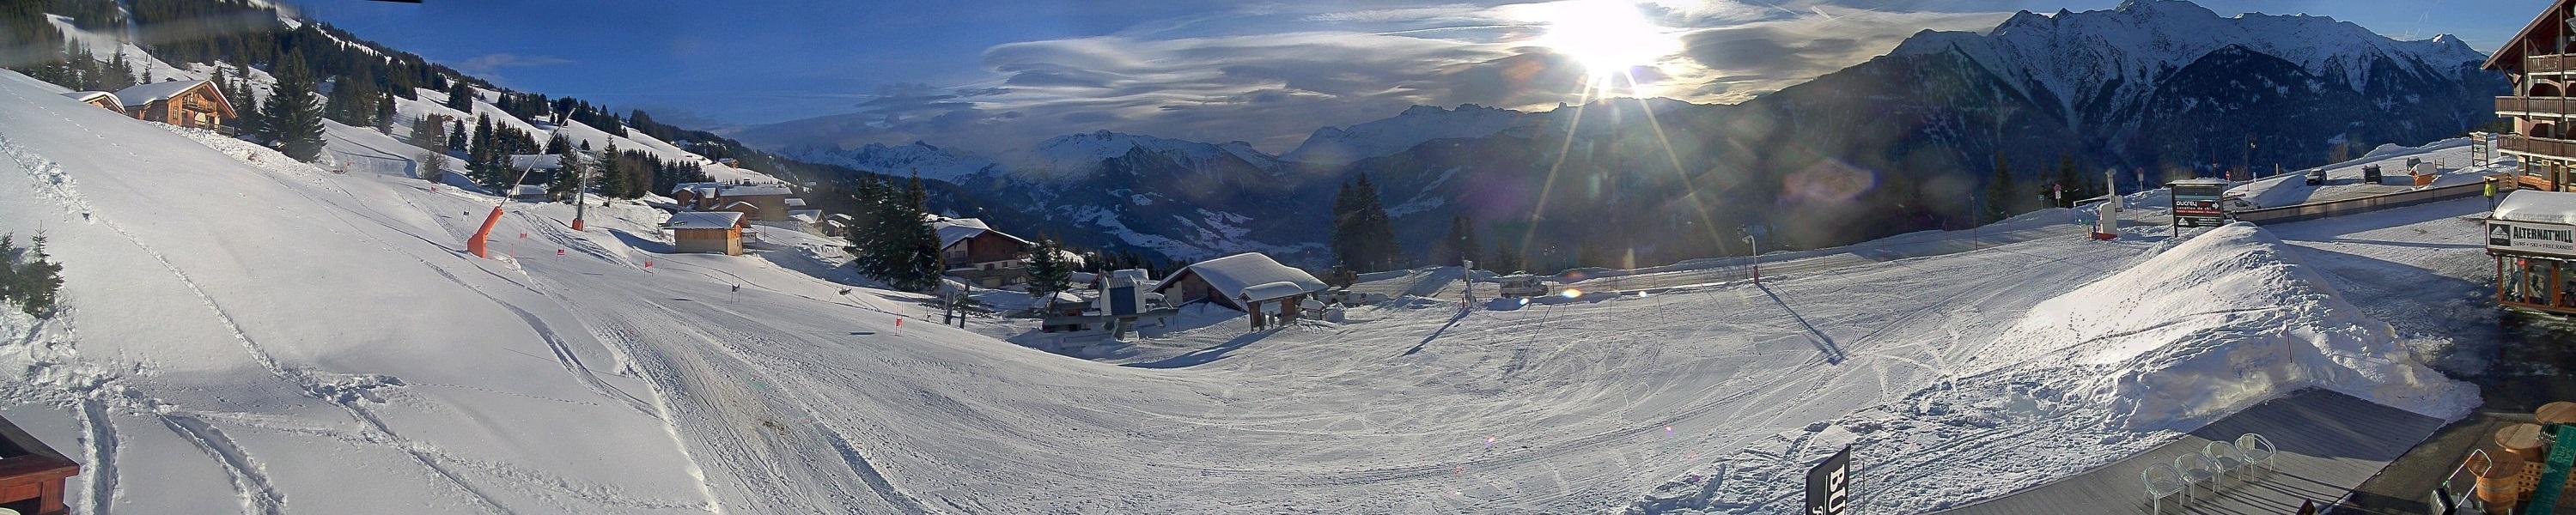 La piste du Planay et le Télésiège des Rosières n'attendent plus que les skieurs